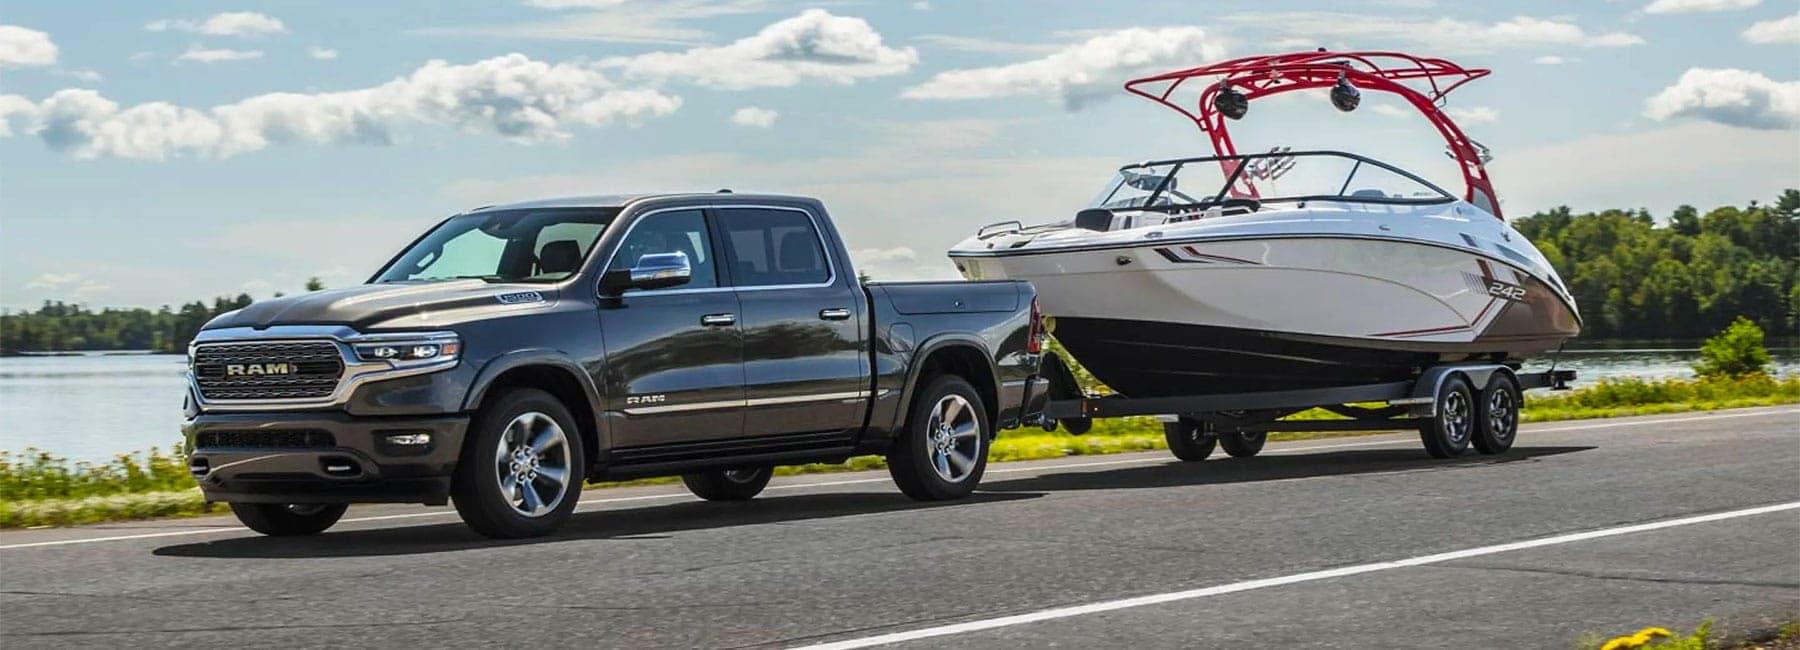 Ram 1500 hauling a boat